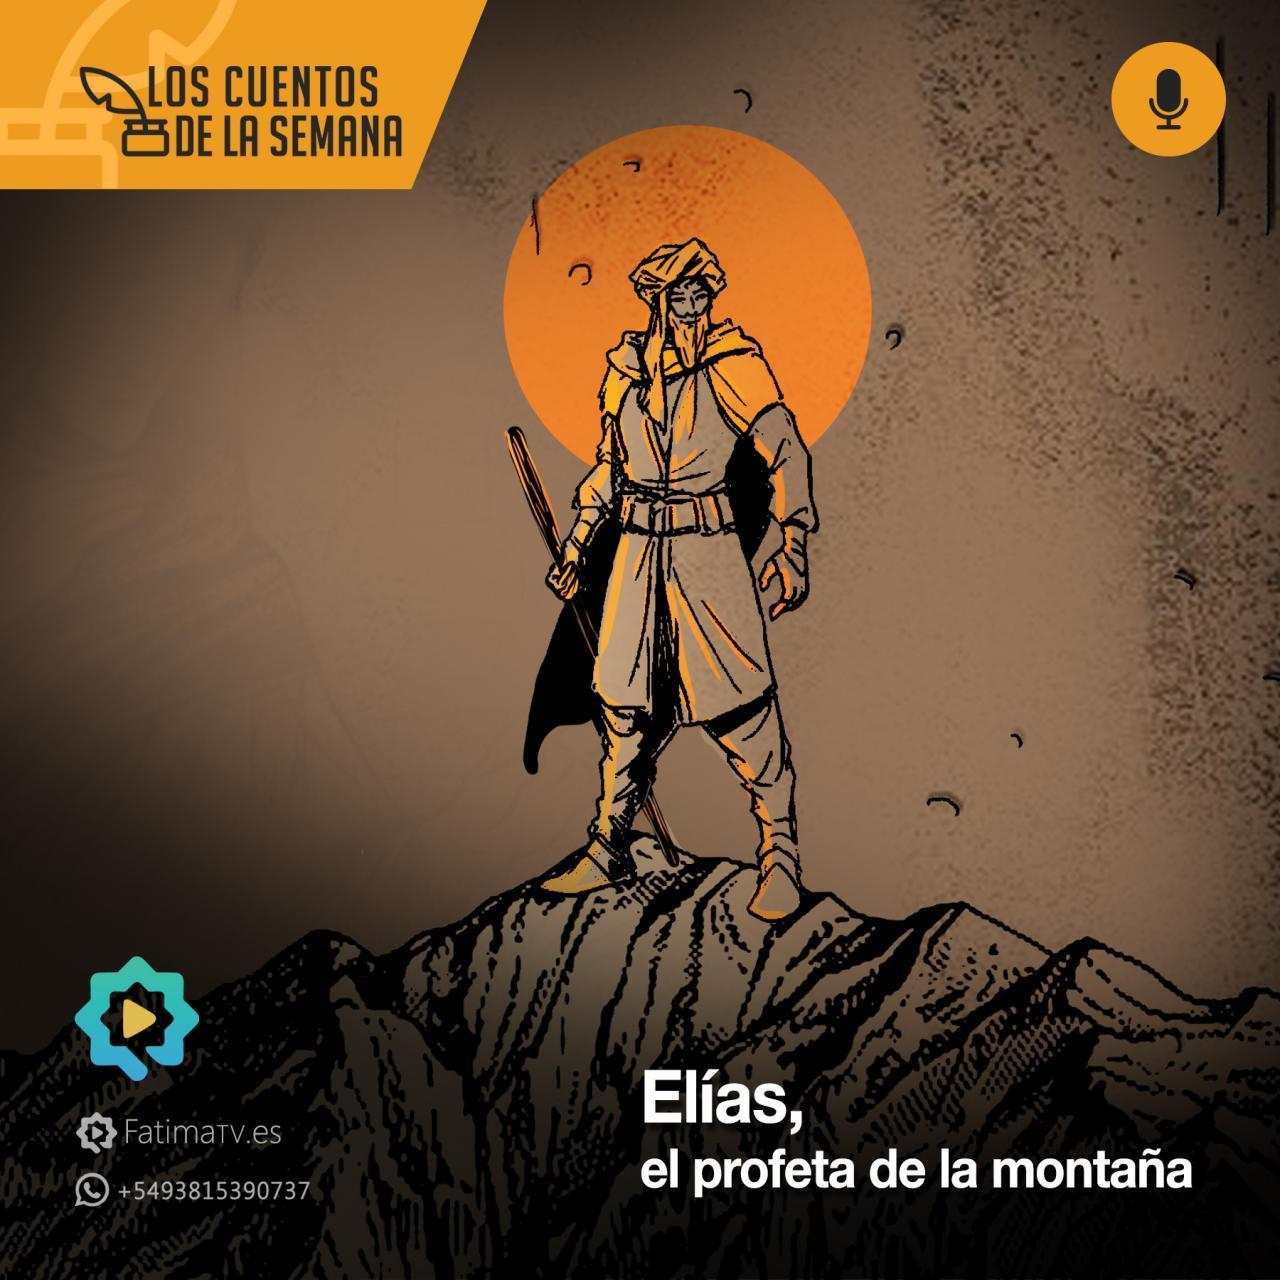 Elías, el profeta de la montaña